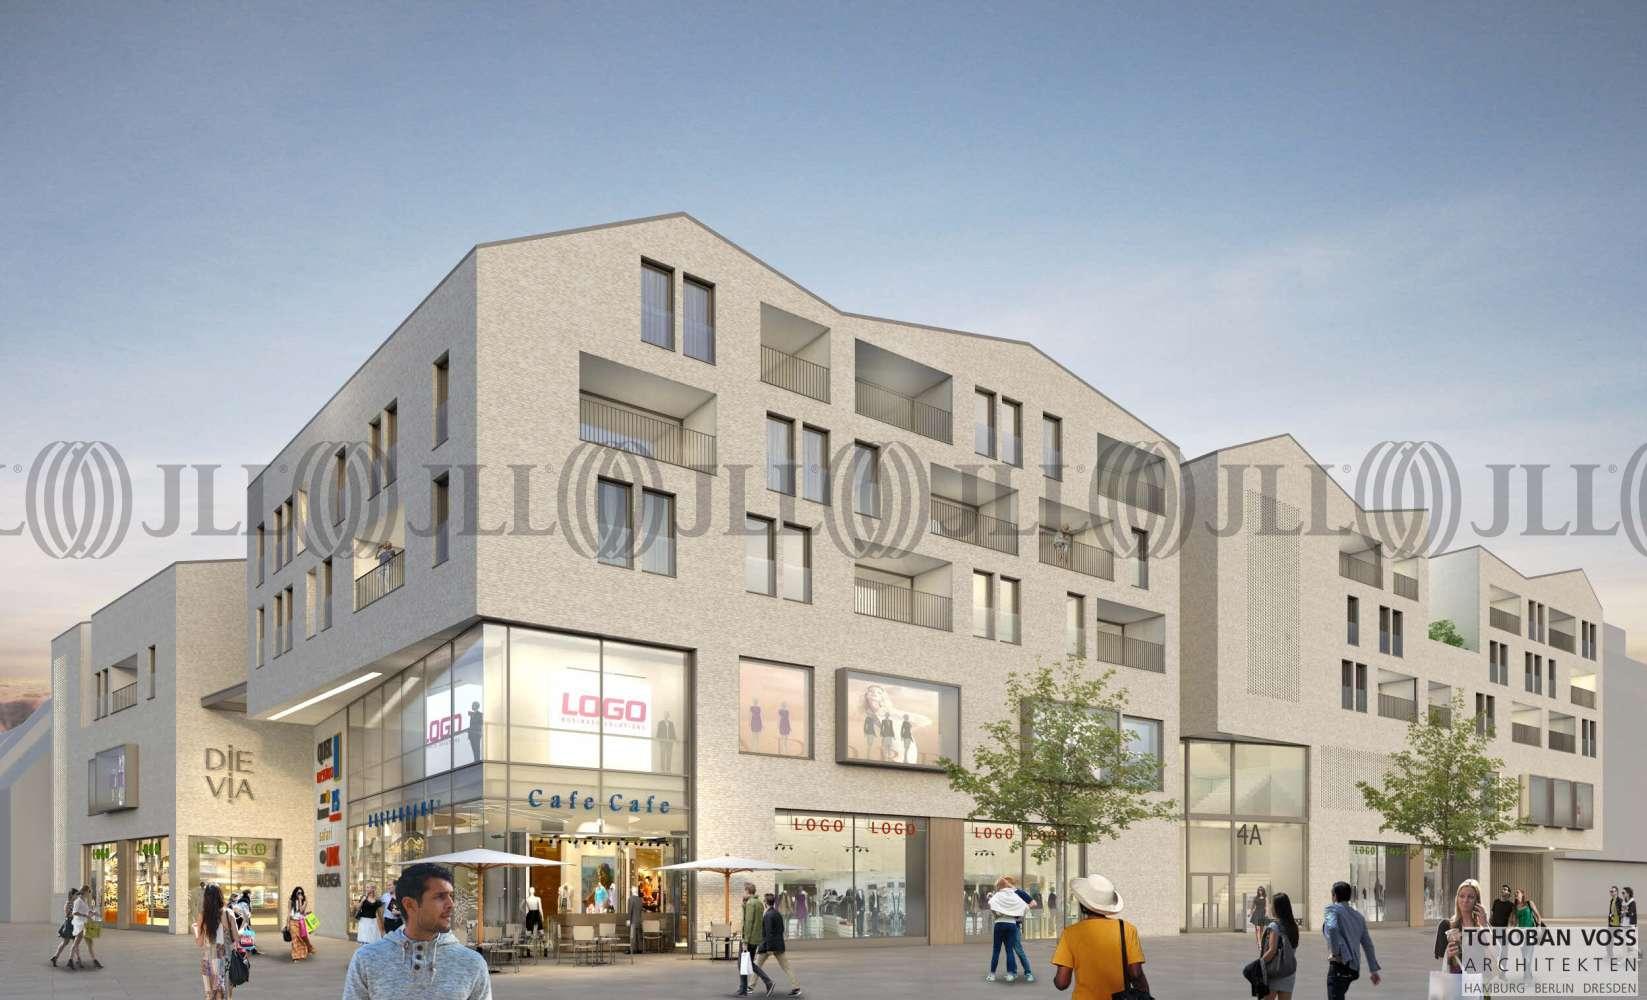 Ladenflächen Esslingen am neckar, 73728 - Ladenfläche - Esslingen am Neckar, Stadtmitte - E0331 - 9489177